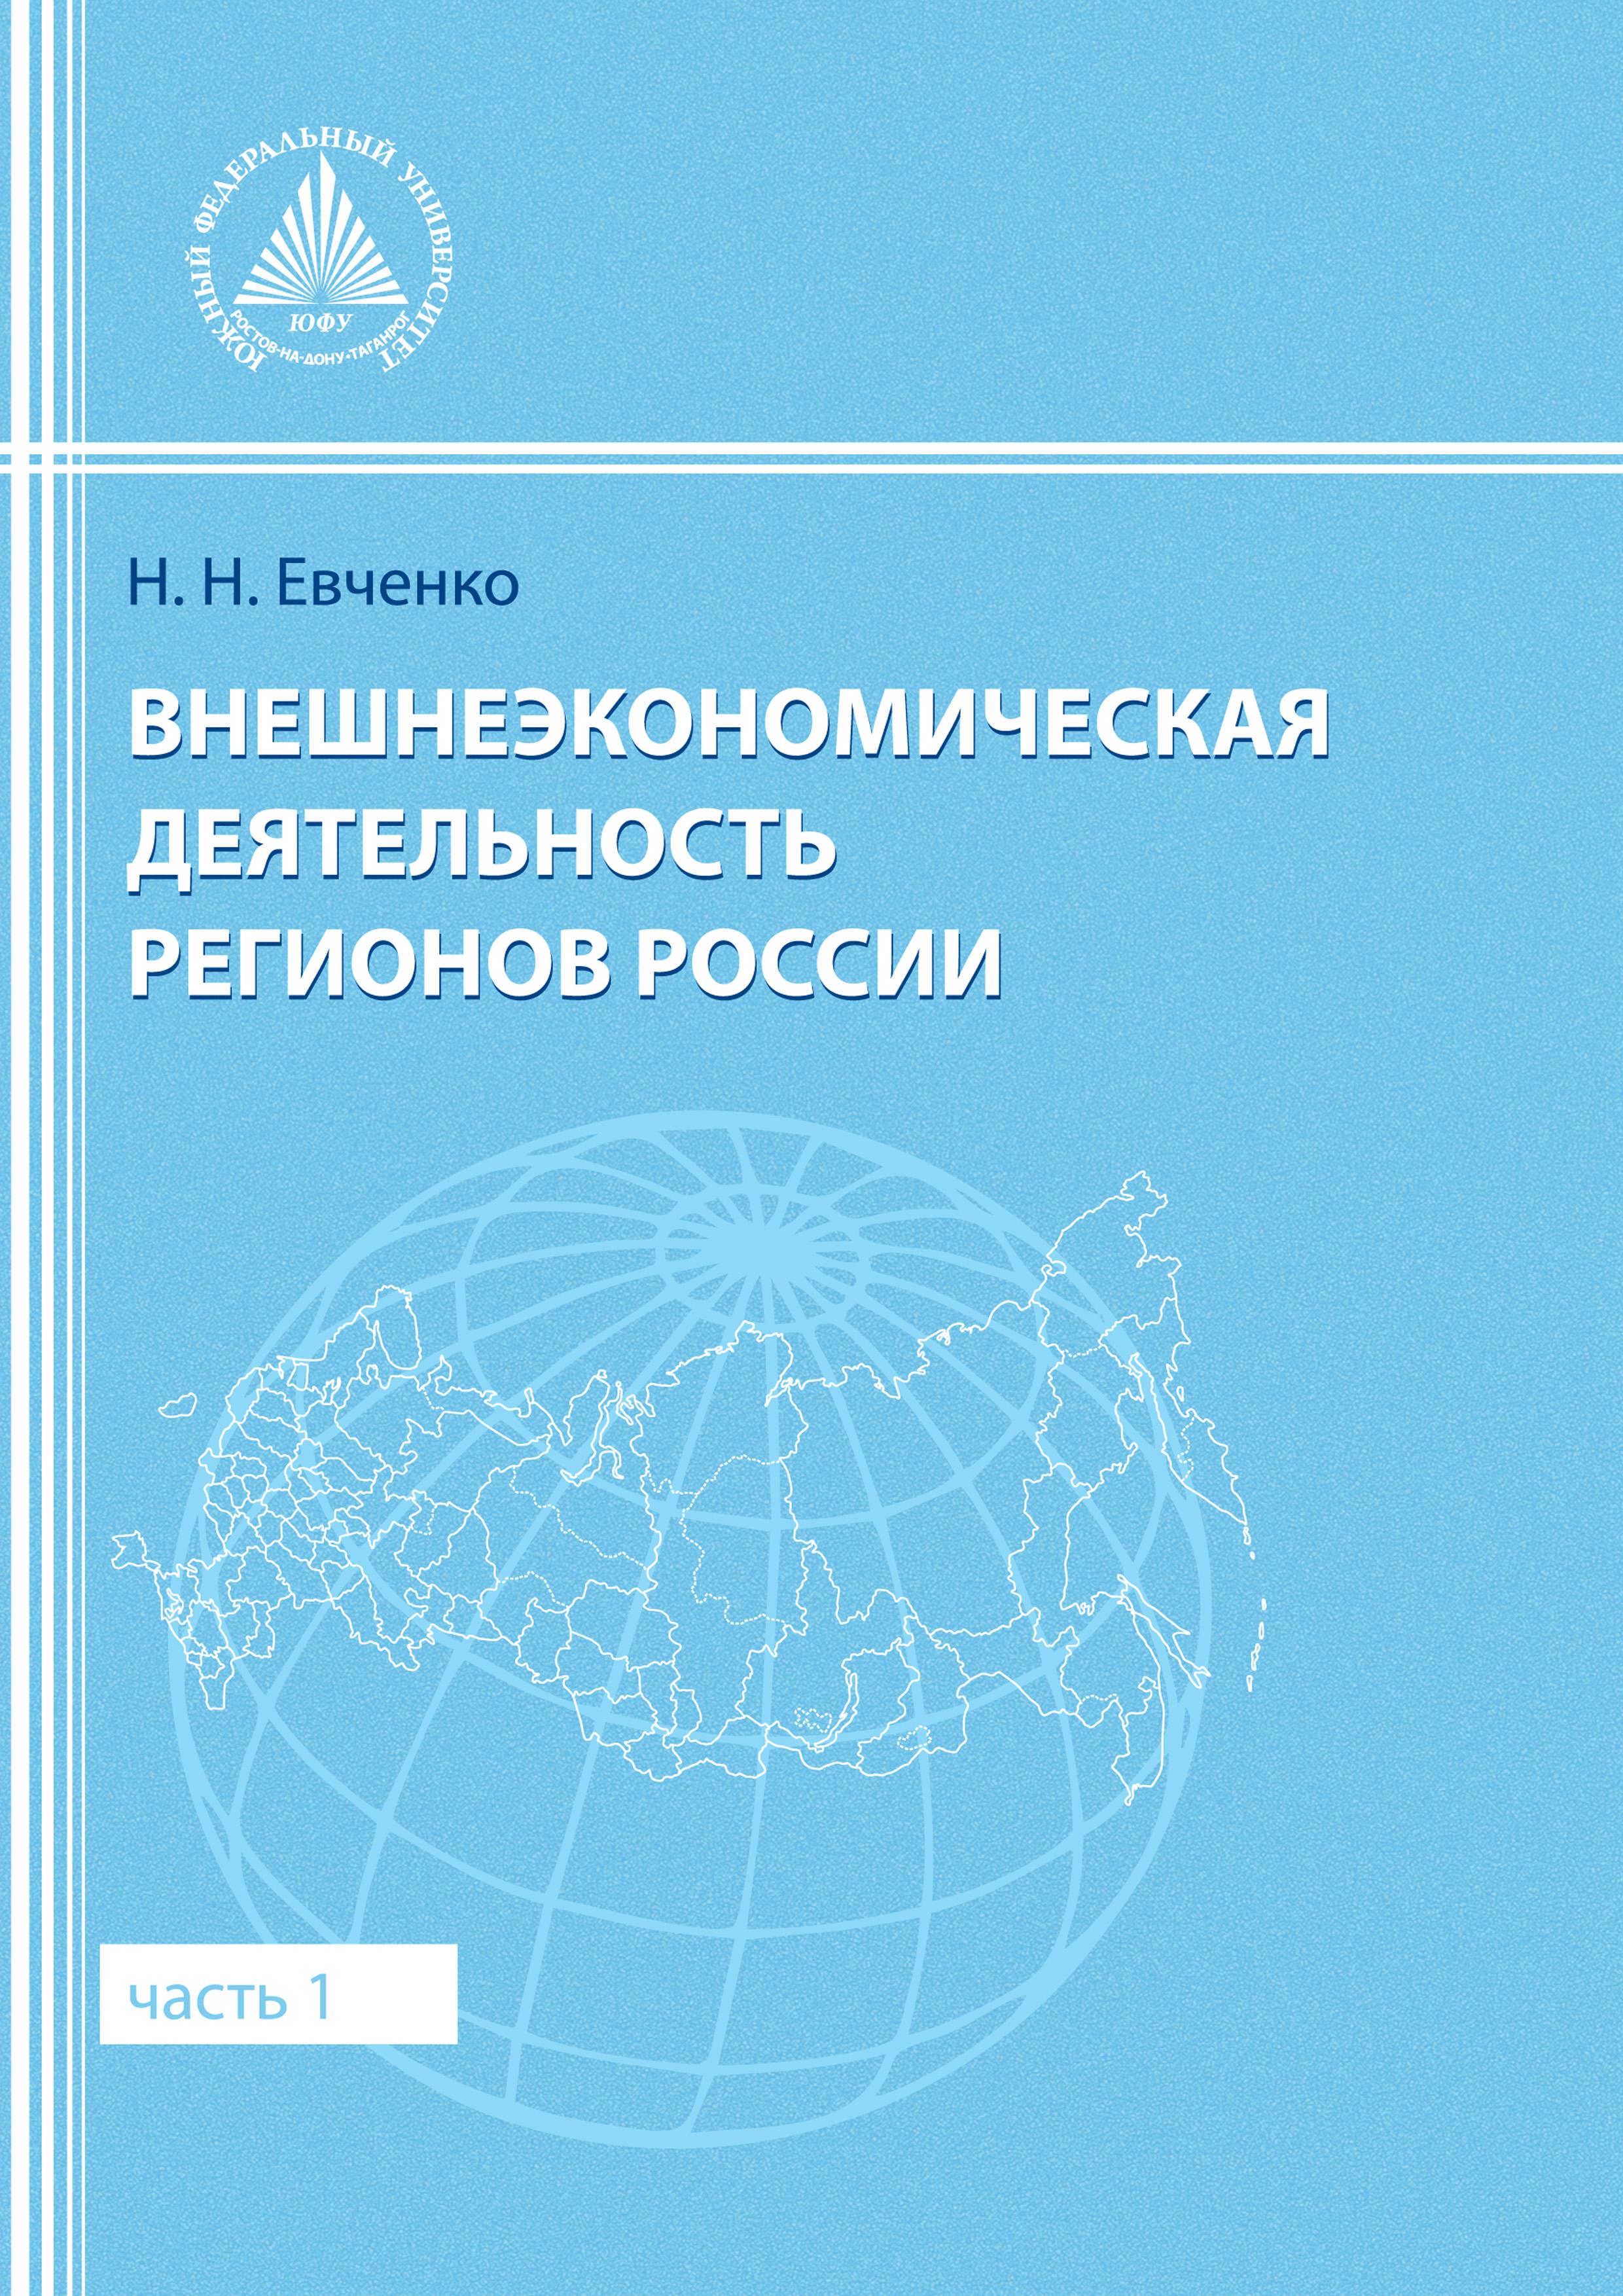 Обложка книги. Автор - Наталья Евченко